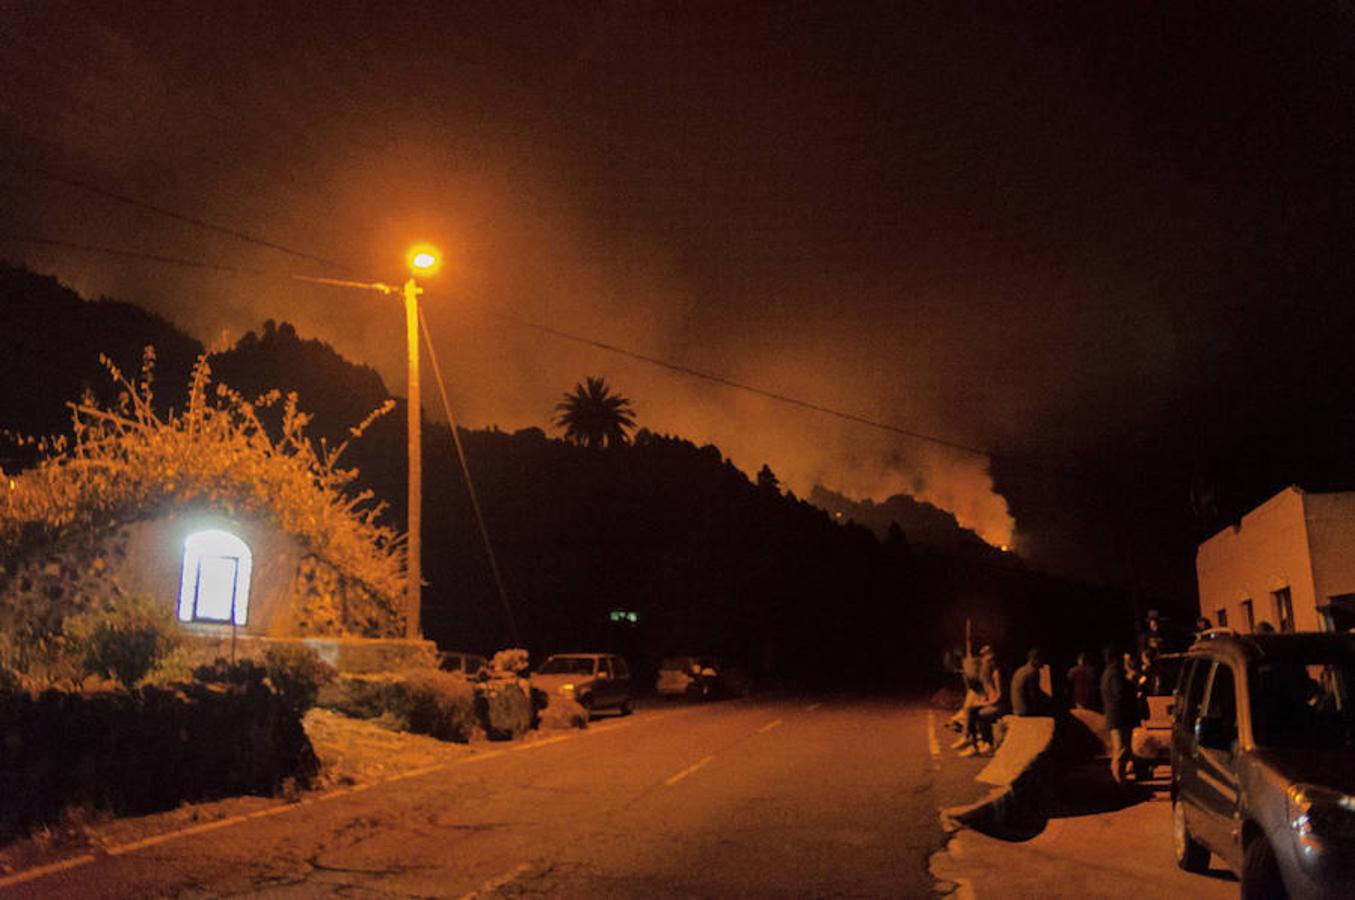 El presidente canario, Fernando Clavijo, ha decidido viajar a La Palma y repaldar las acciones contra las llamas